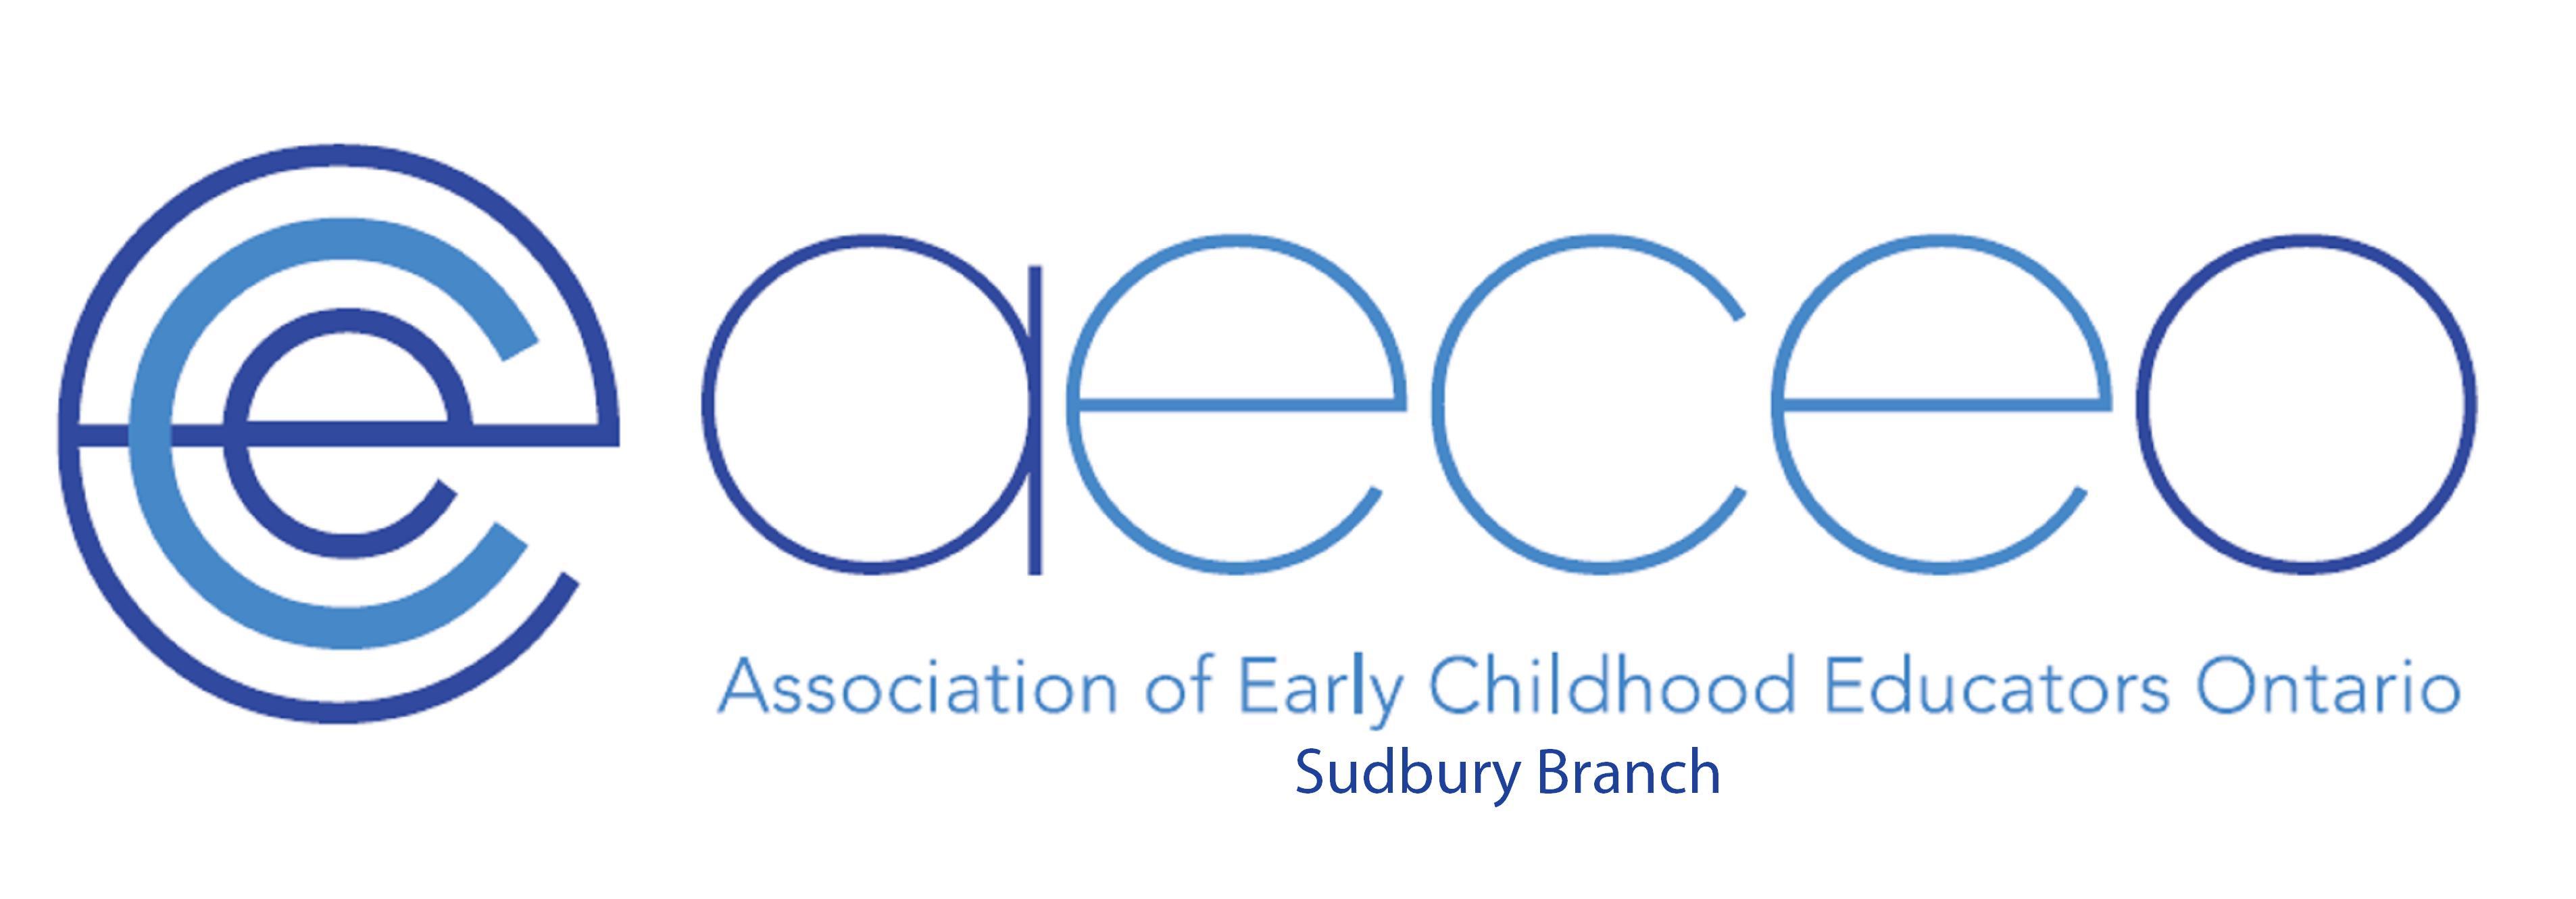 sudbury_logo.JPG